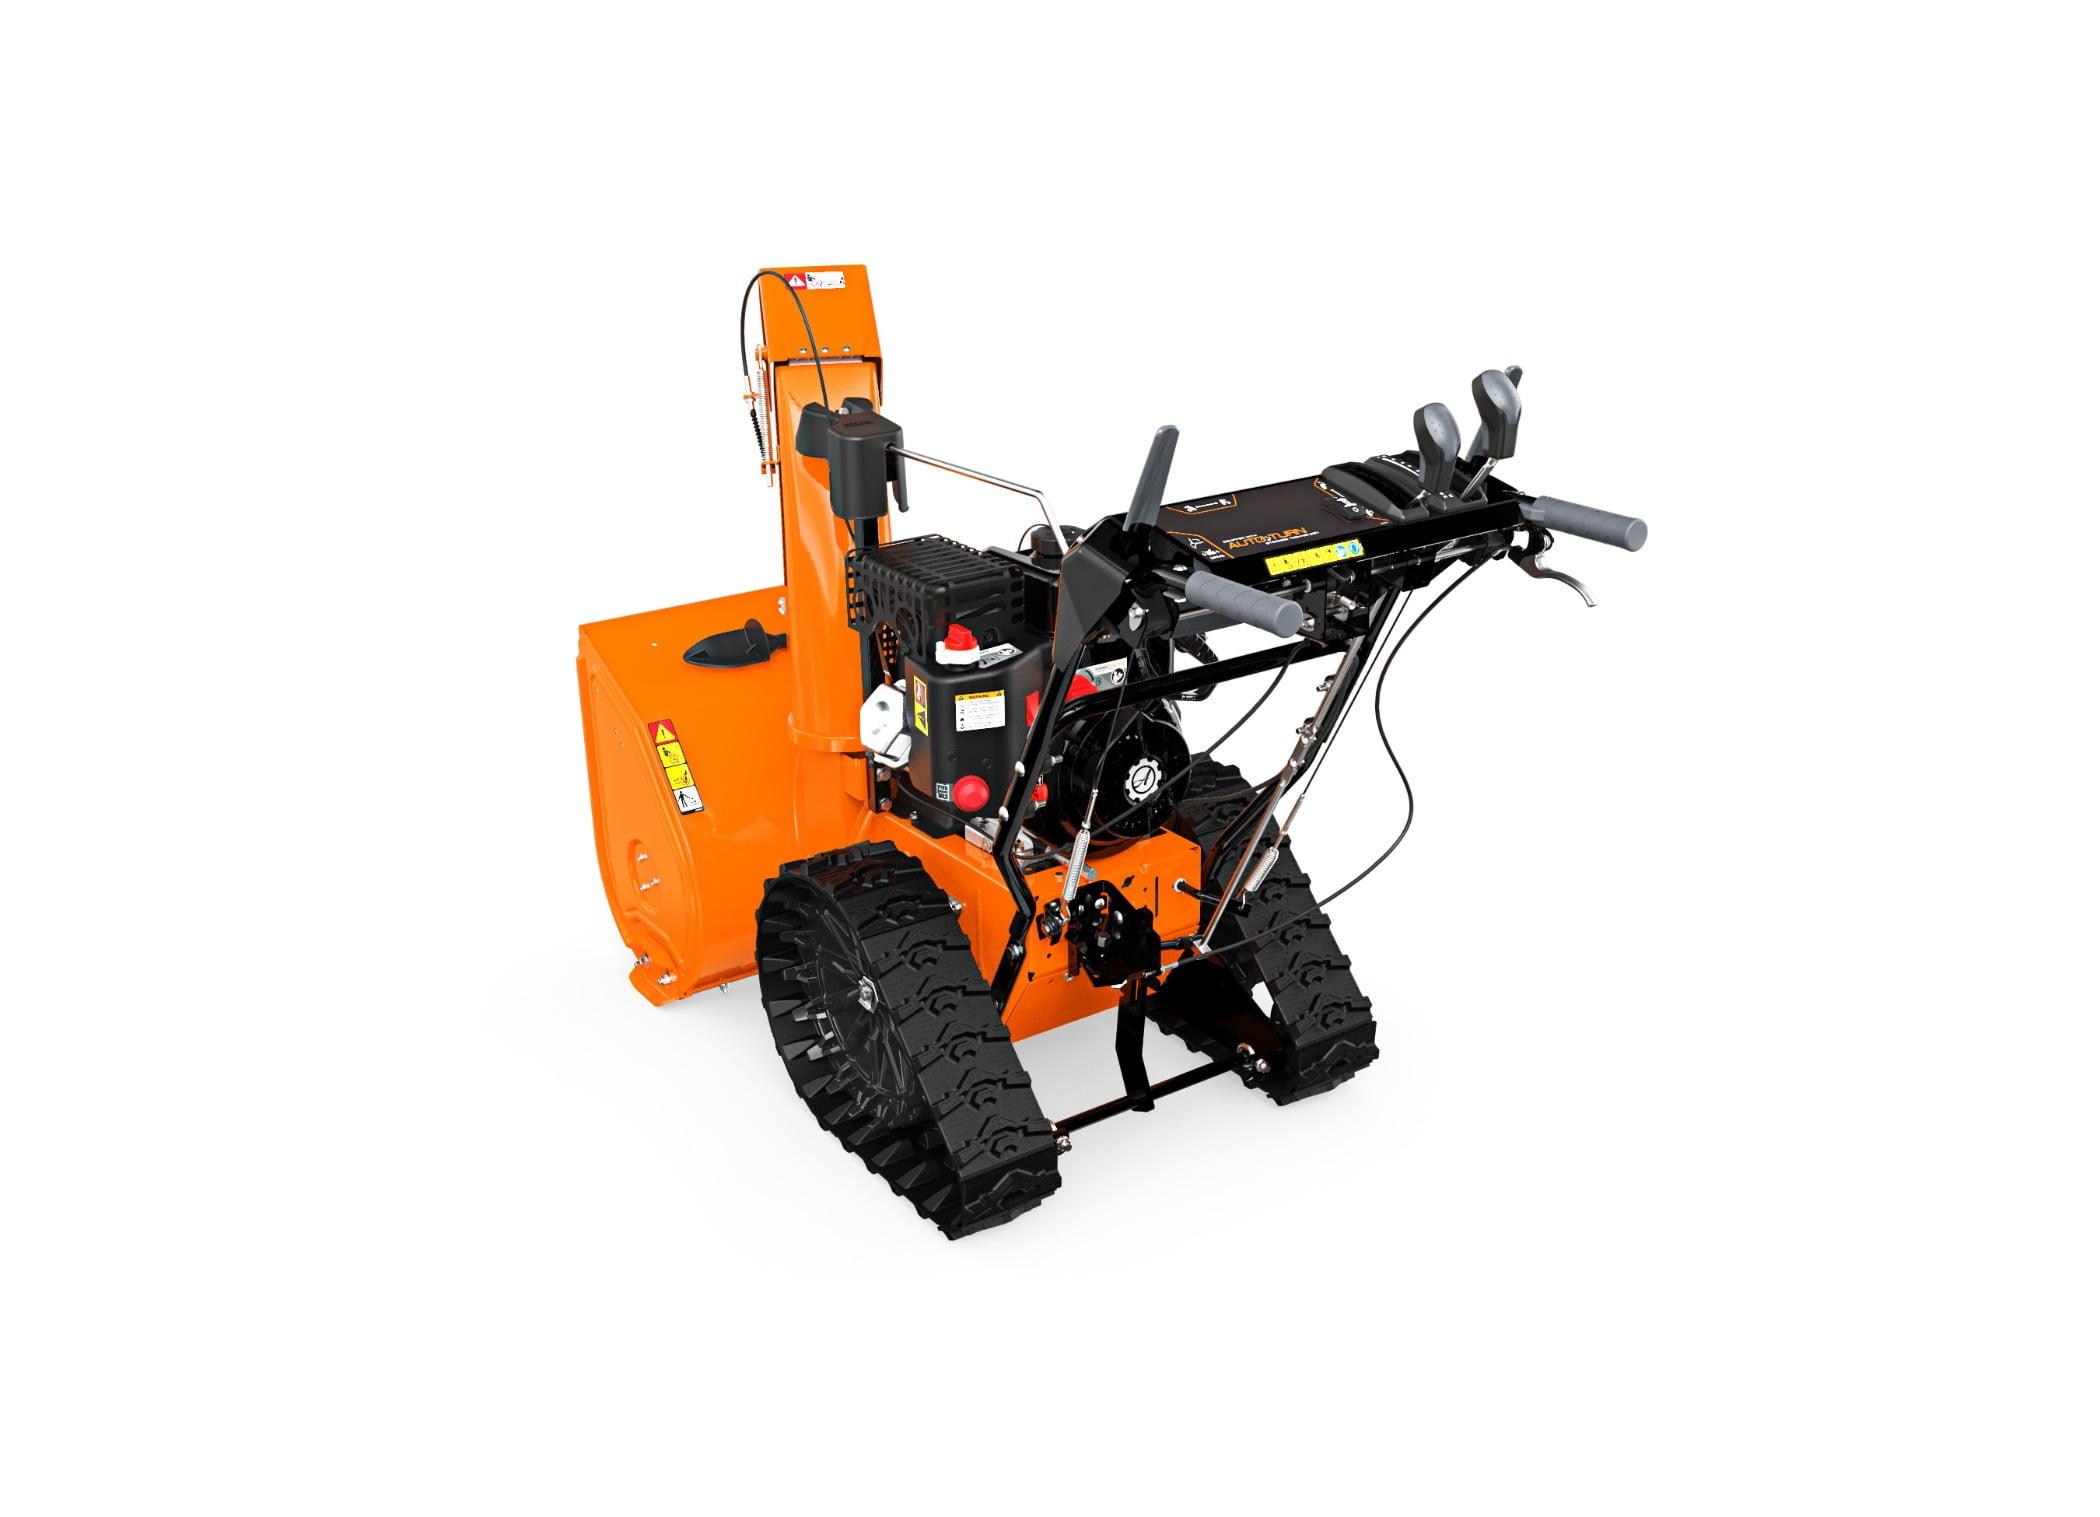 Outdoor power equipment, Vehicle